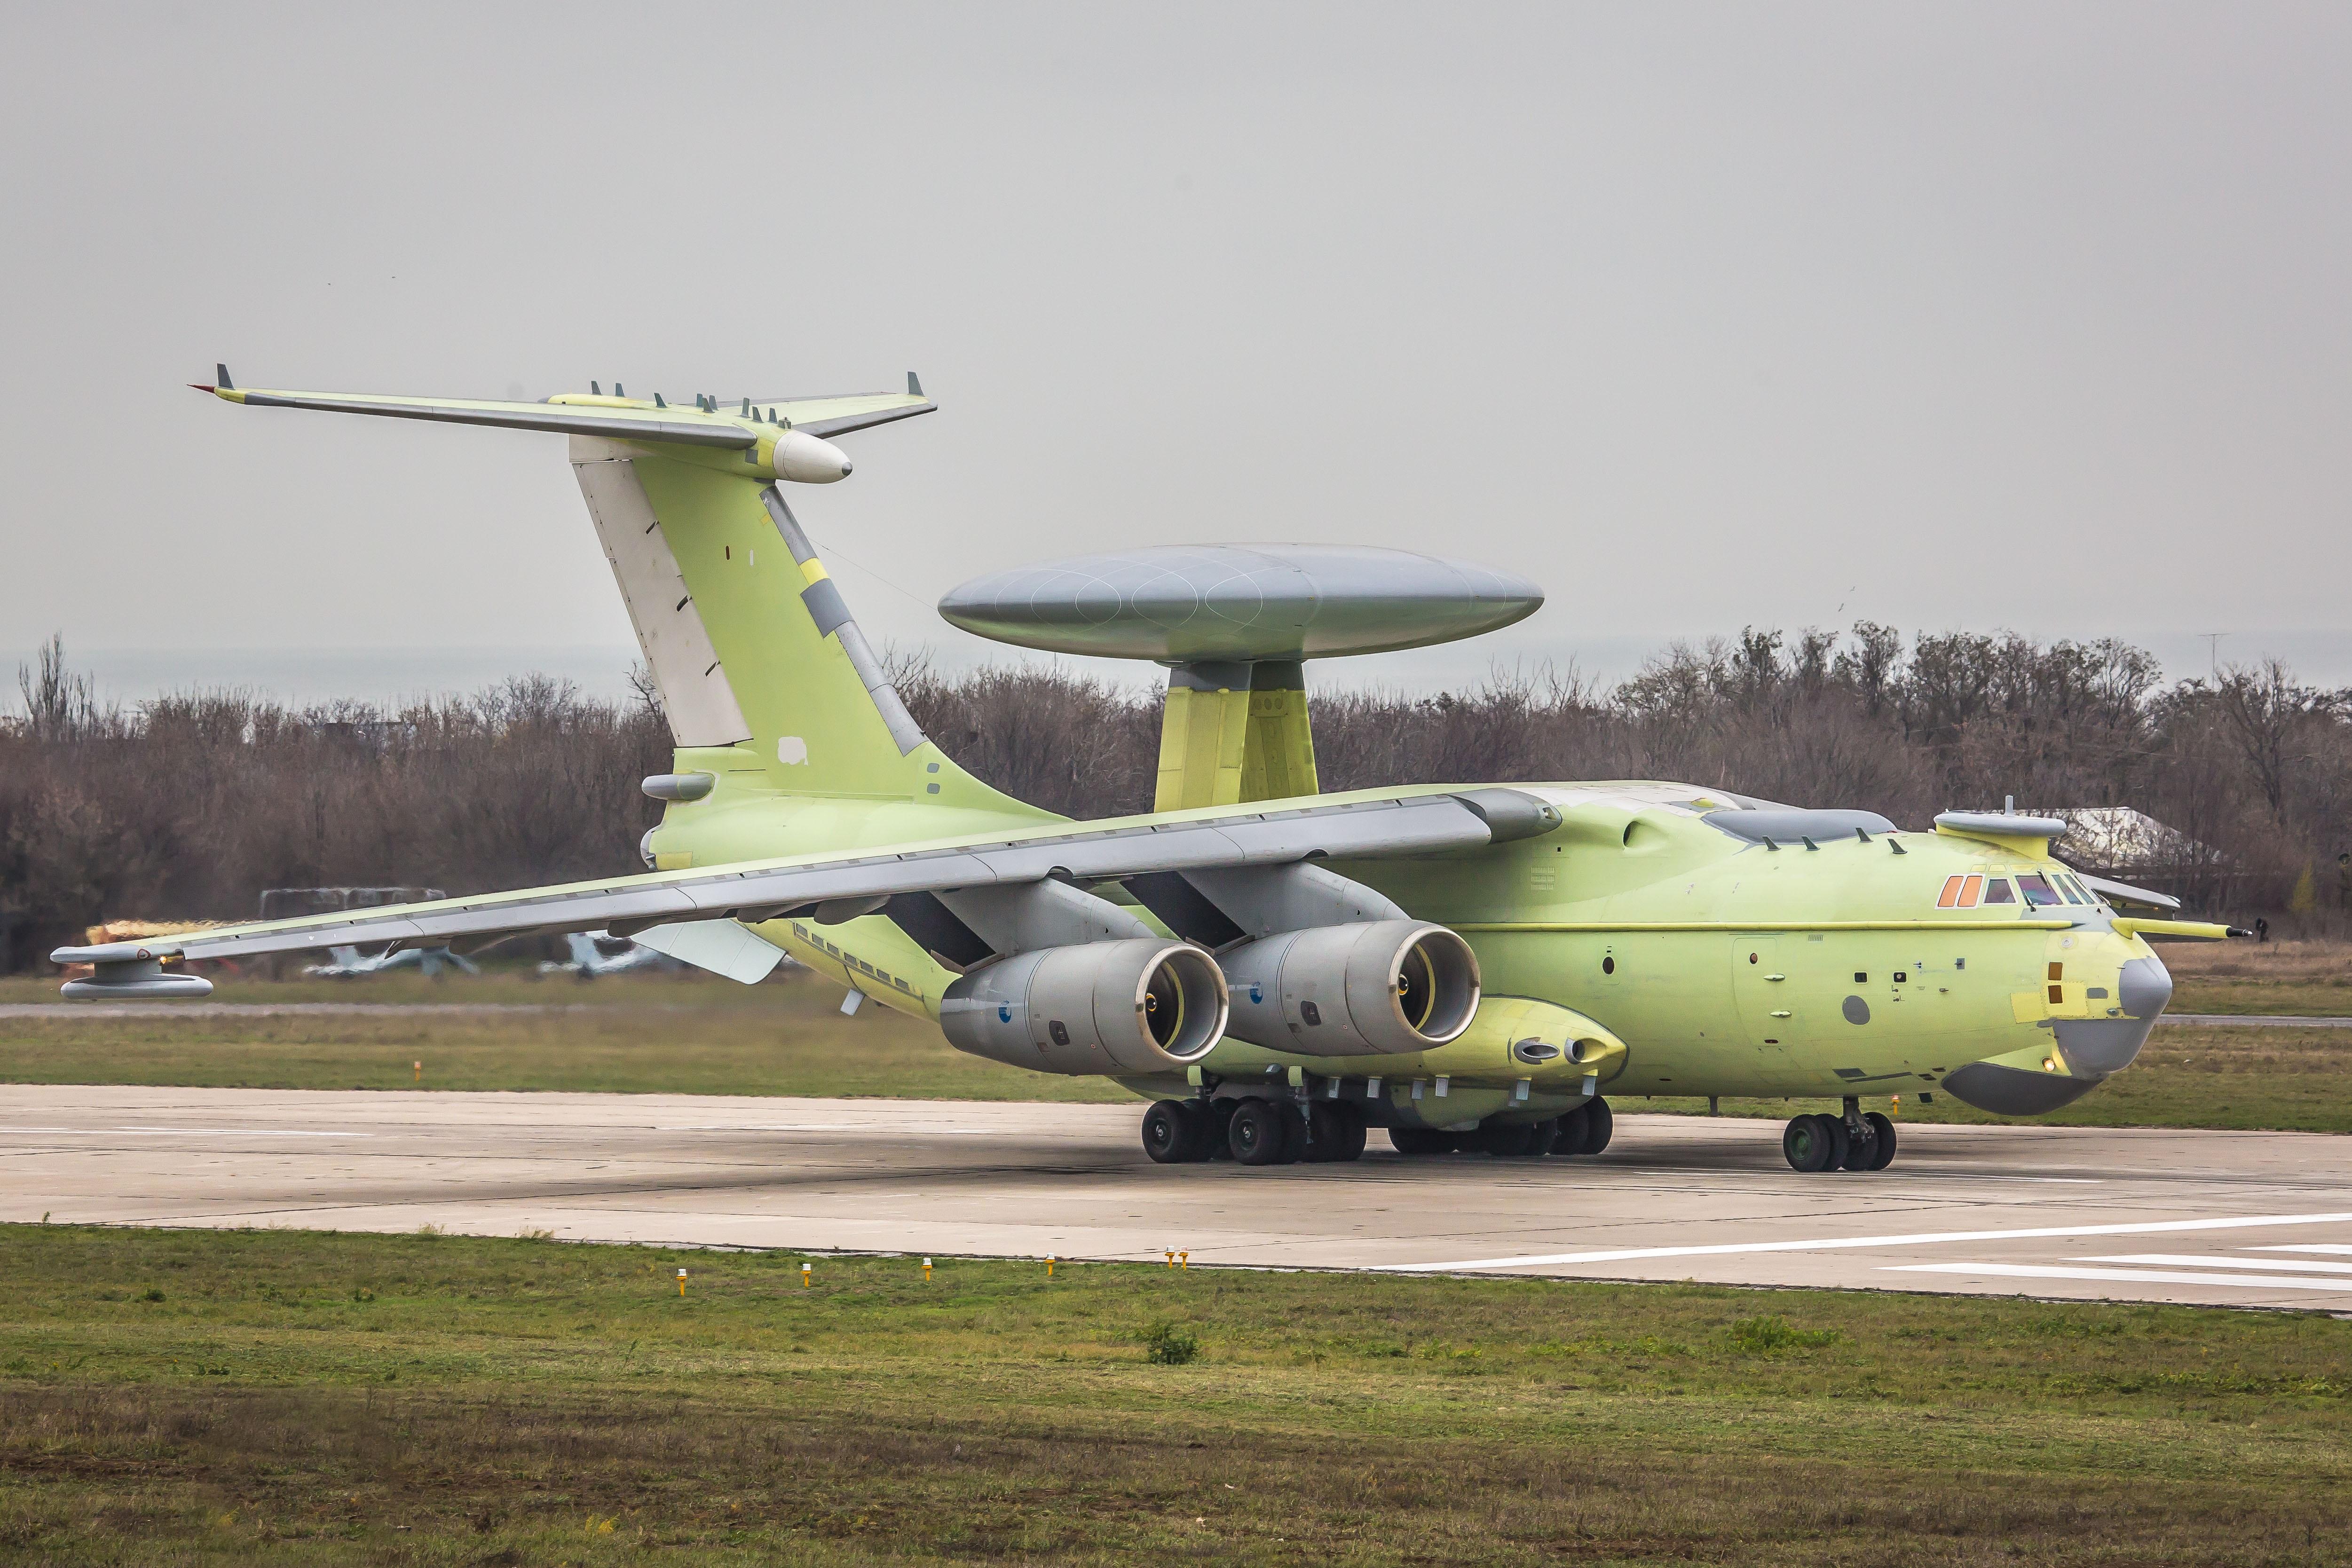 Опытный образец самолета радиолокационного дозора и наведения А-100 перед первым полетом. Таганрог, 18.11.2017.